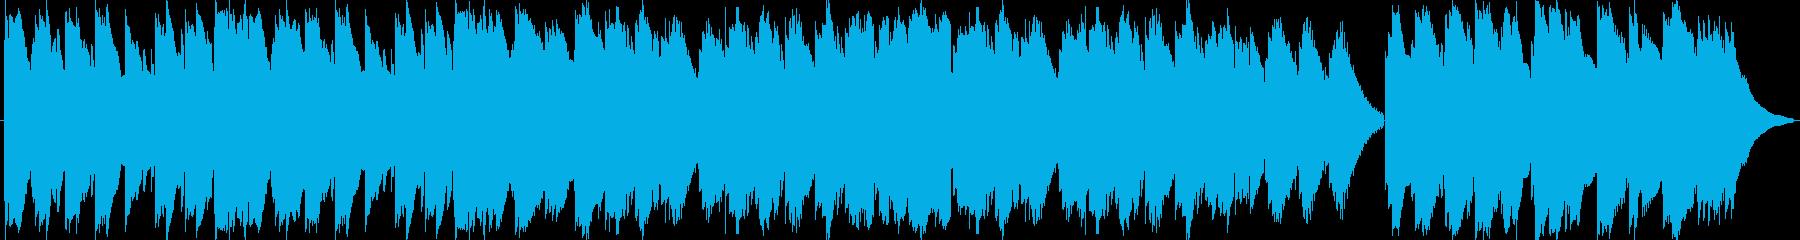 ラブシーンのエレクトリックピアノの再生済みの波形